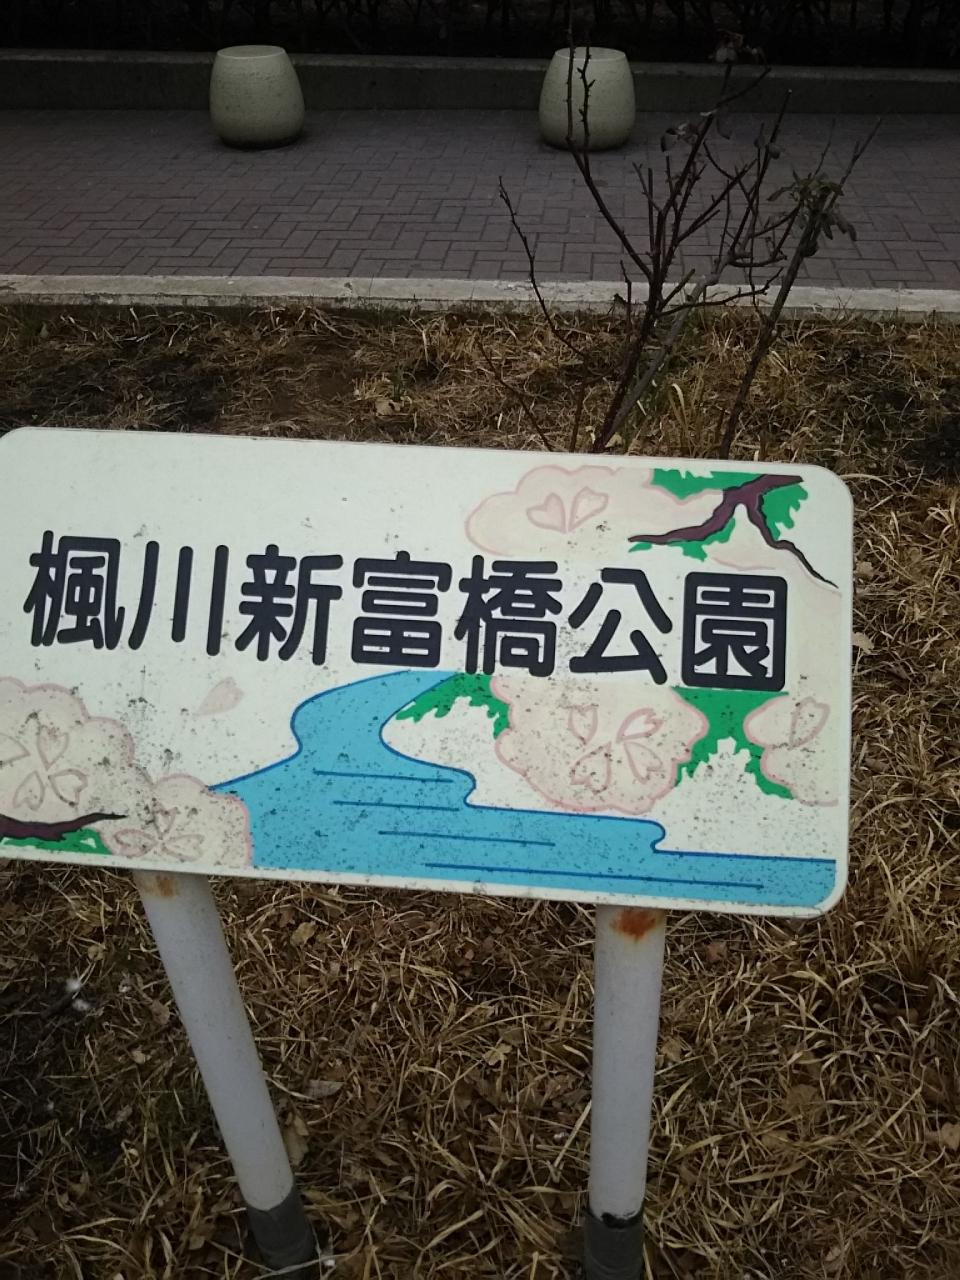 楓川新富橋公園